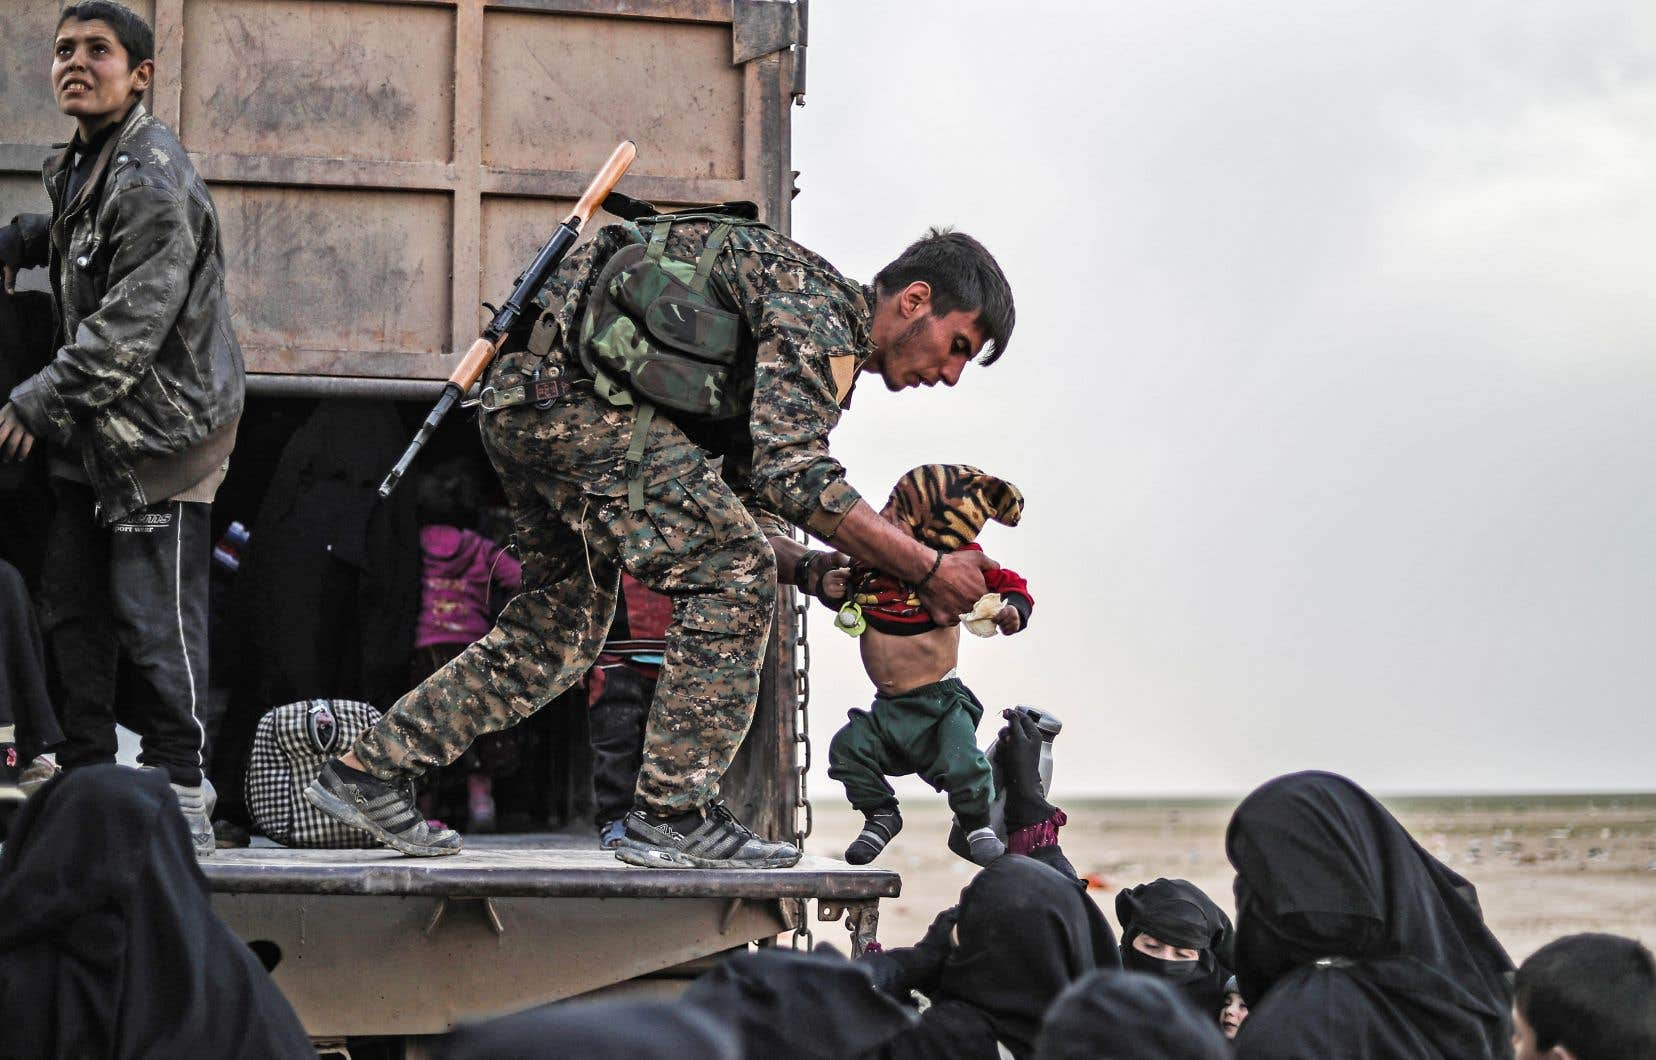 Un combattant des Forces démocratiques syriennes évacuait le 26février des civils de Baghouz, une ville syrienne où le groupe EI tentait toujours dimanche de repousser les offensives des forces arabo-kurdes soutenues par les États-Unis.